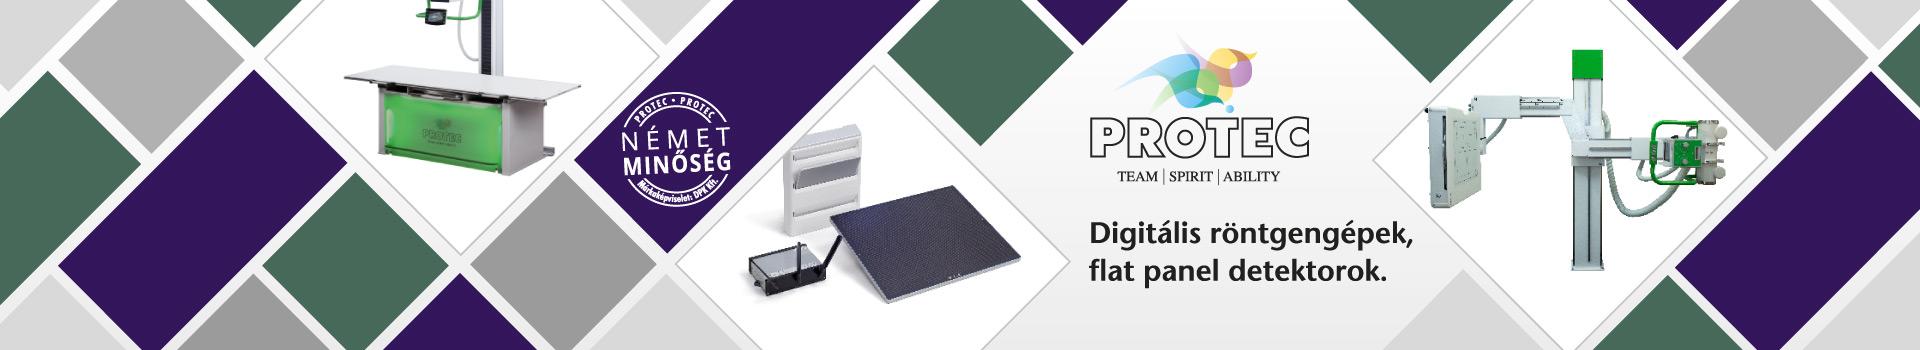 DPK Digitális röntgengépek flat panel detektorok